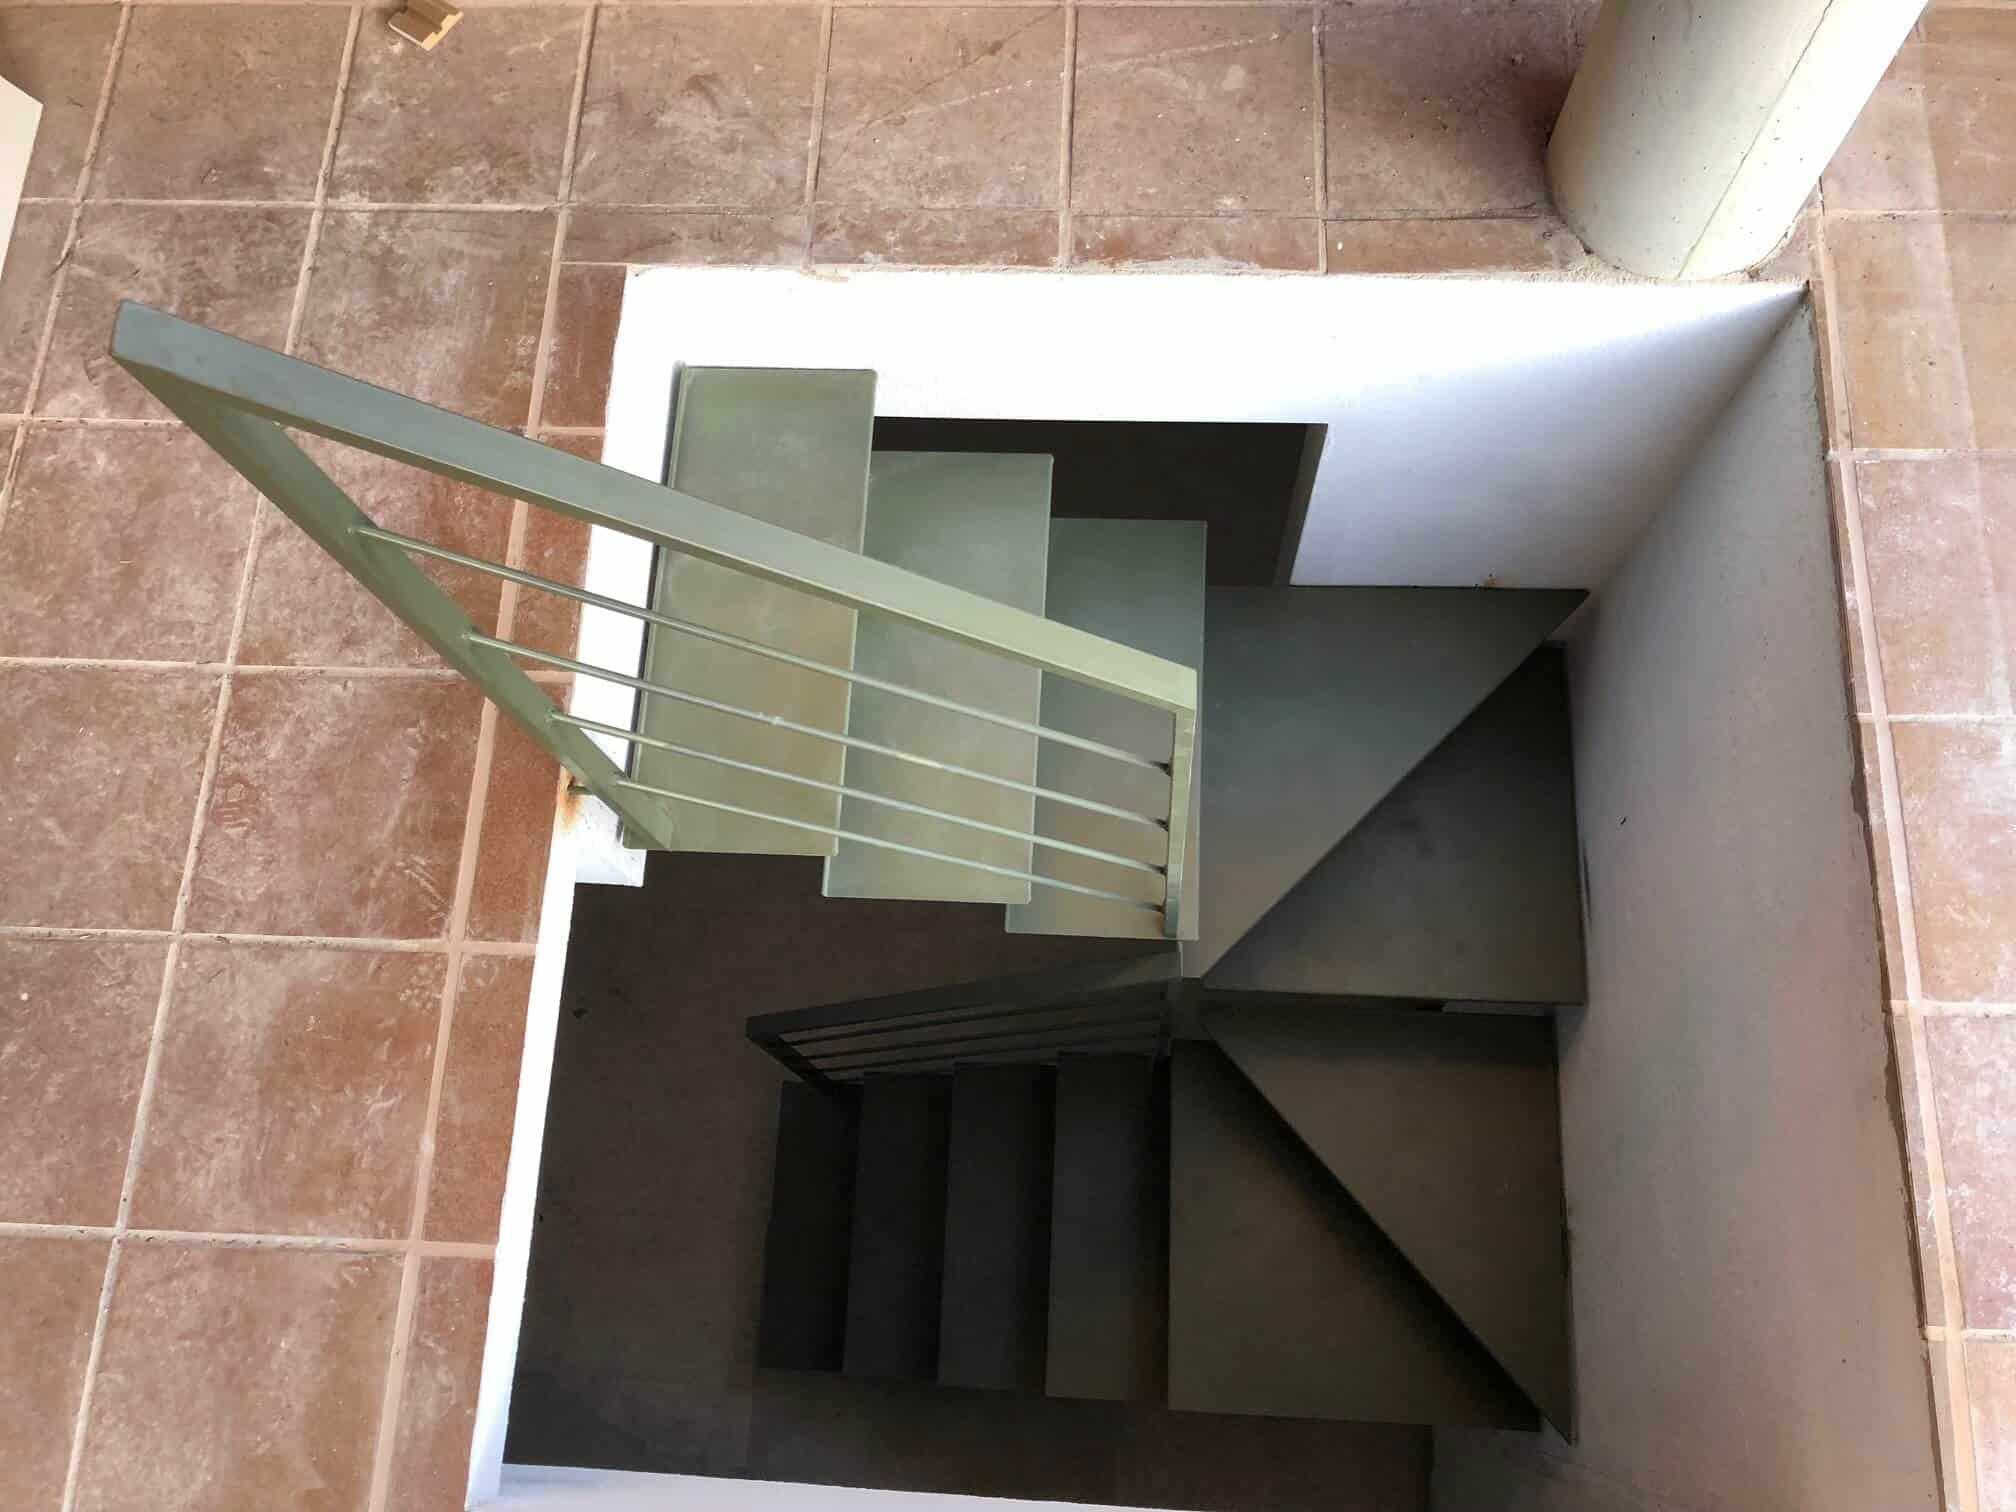 Escalera metálica en tramos rectos